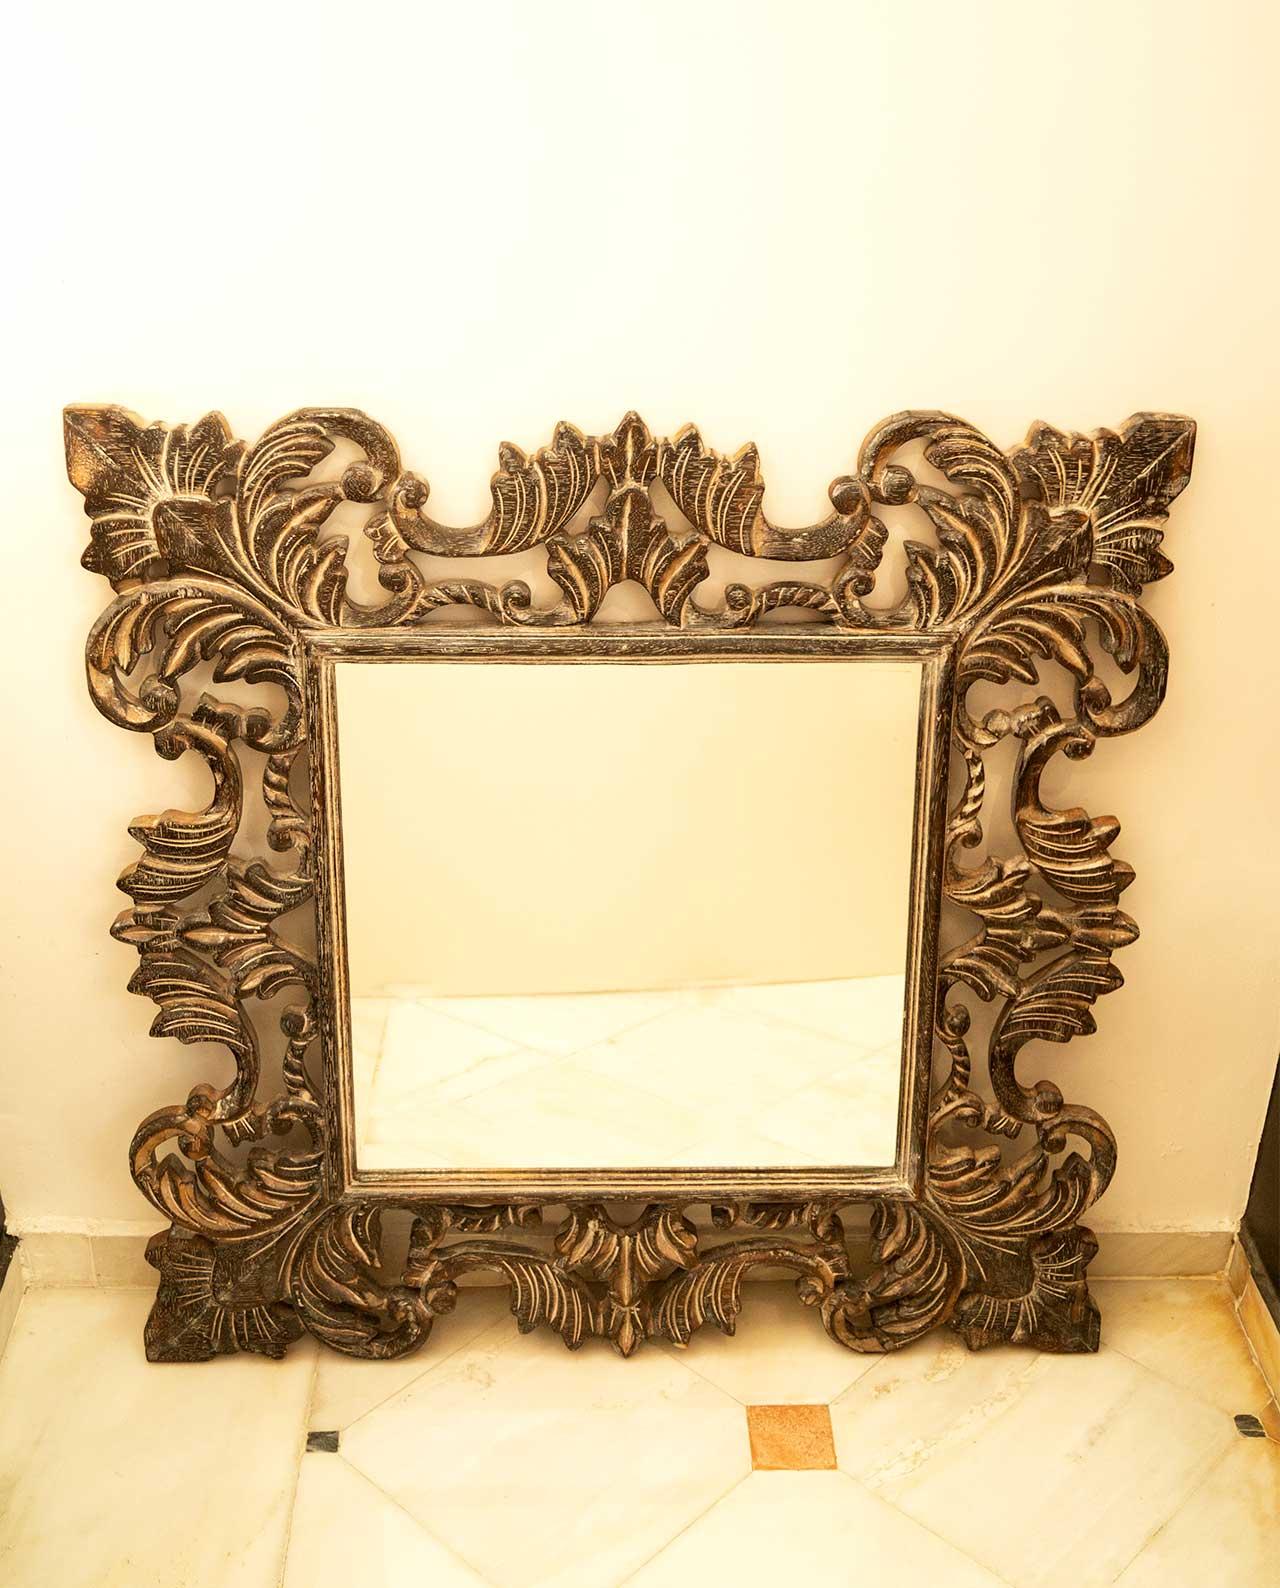 Καθρέπτης ξύλινος χειροποίητος καφέ ντεκαπέ 90 cm x 90 cm